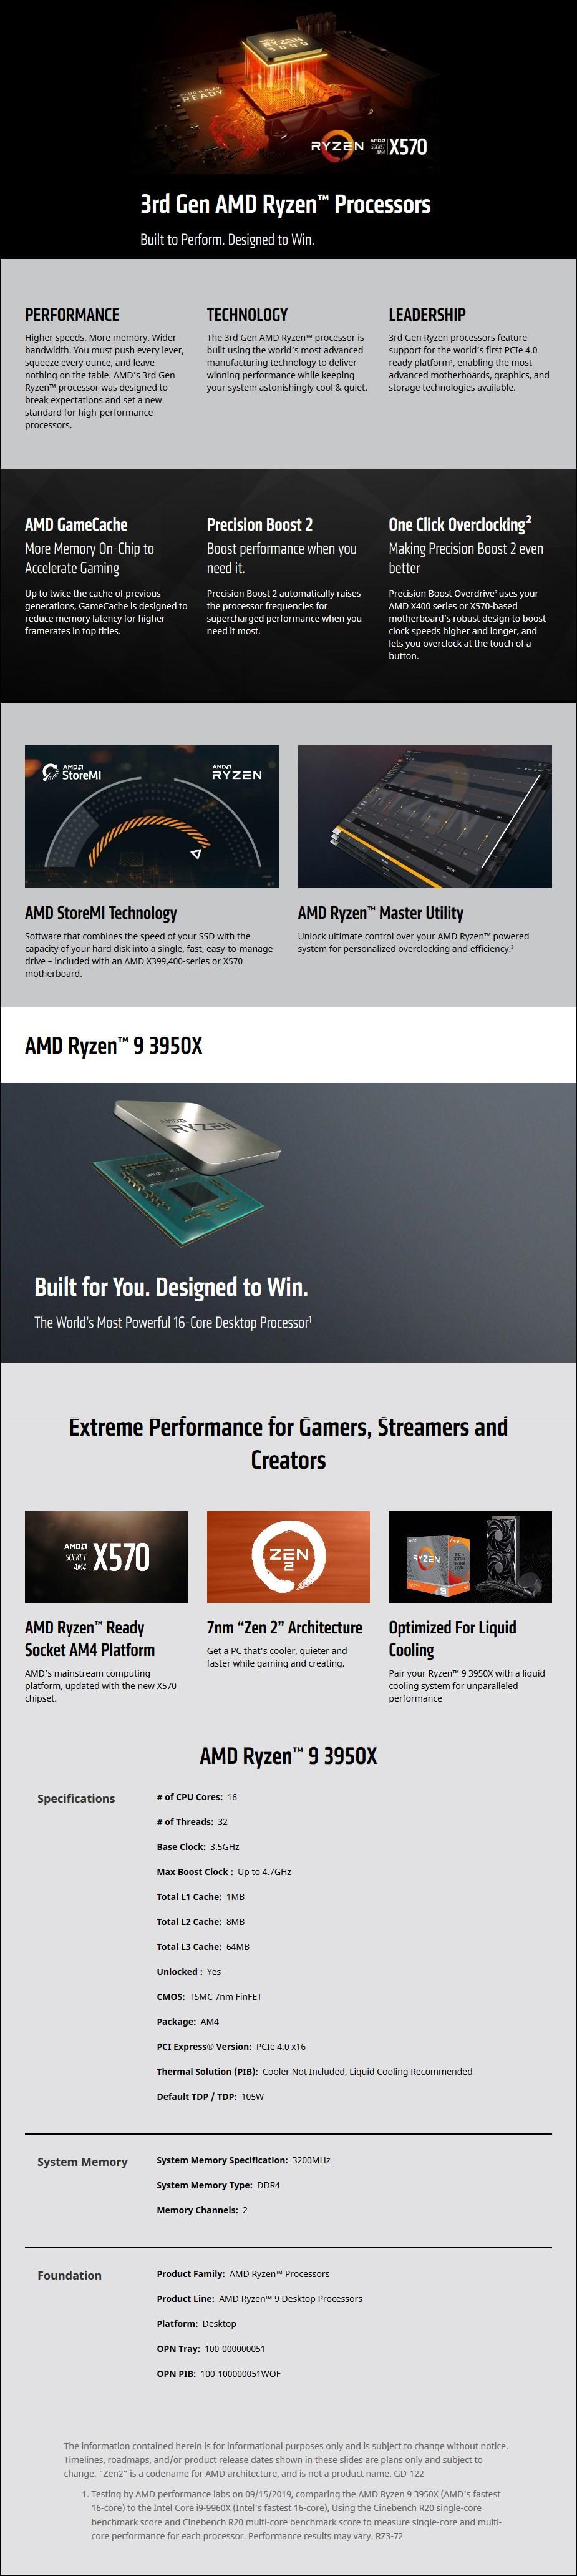 AMD Ryzen 9 3950X 16-Core AM4 3.50 GHz Unlocked CPU Processor - Overview 1